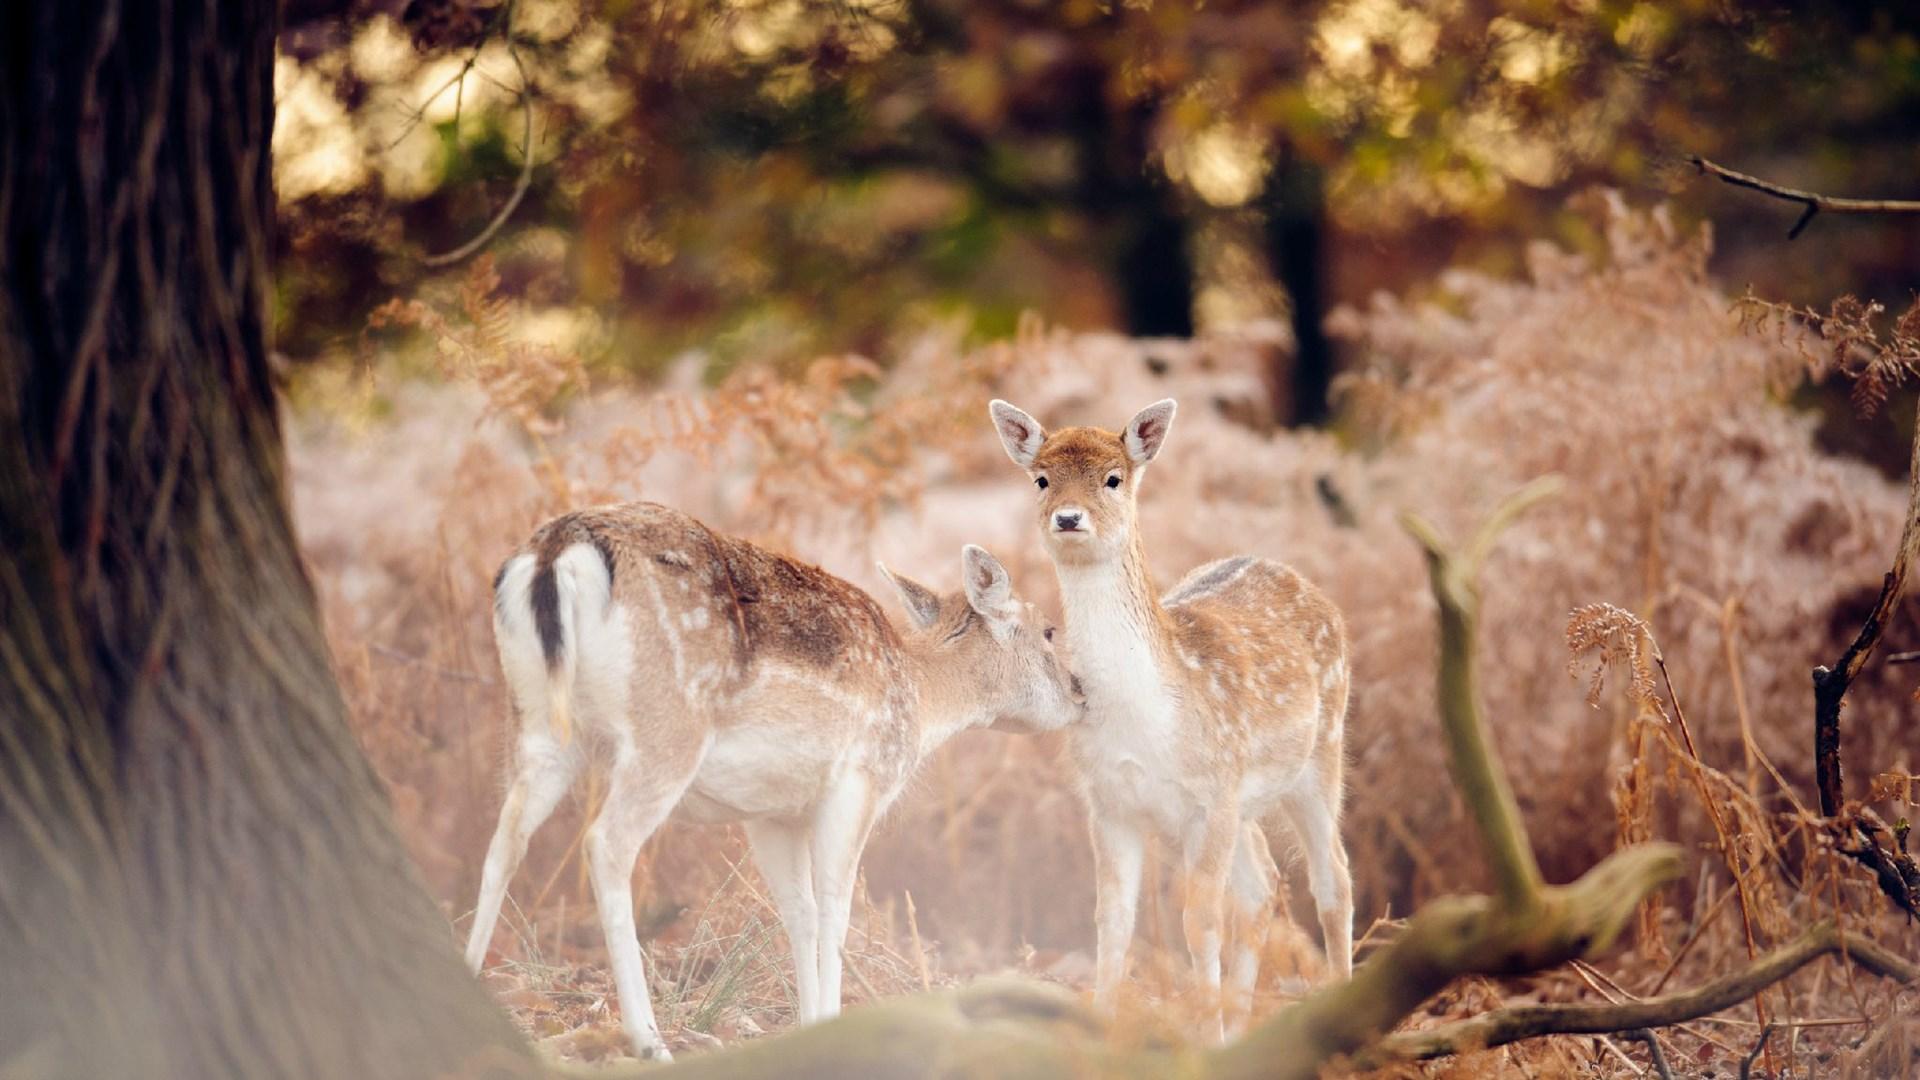 森林里的小鹿摄影桌面壁纸